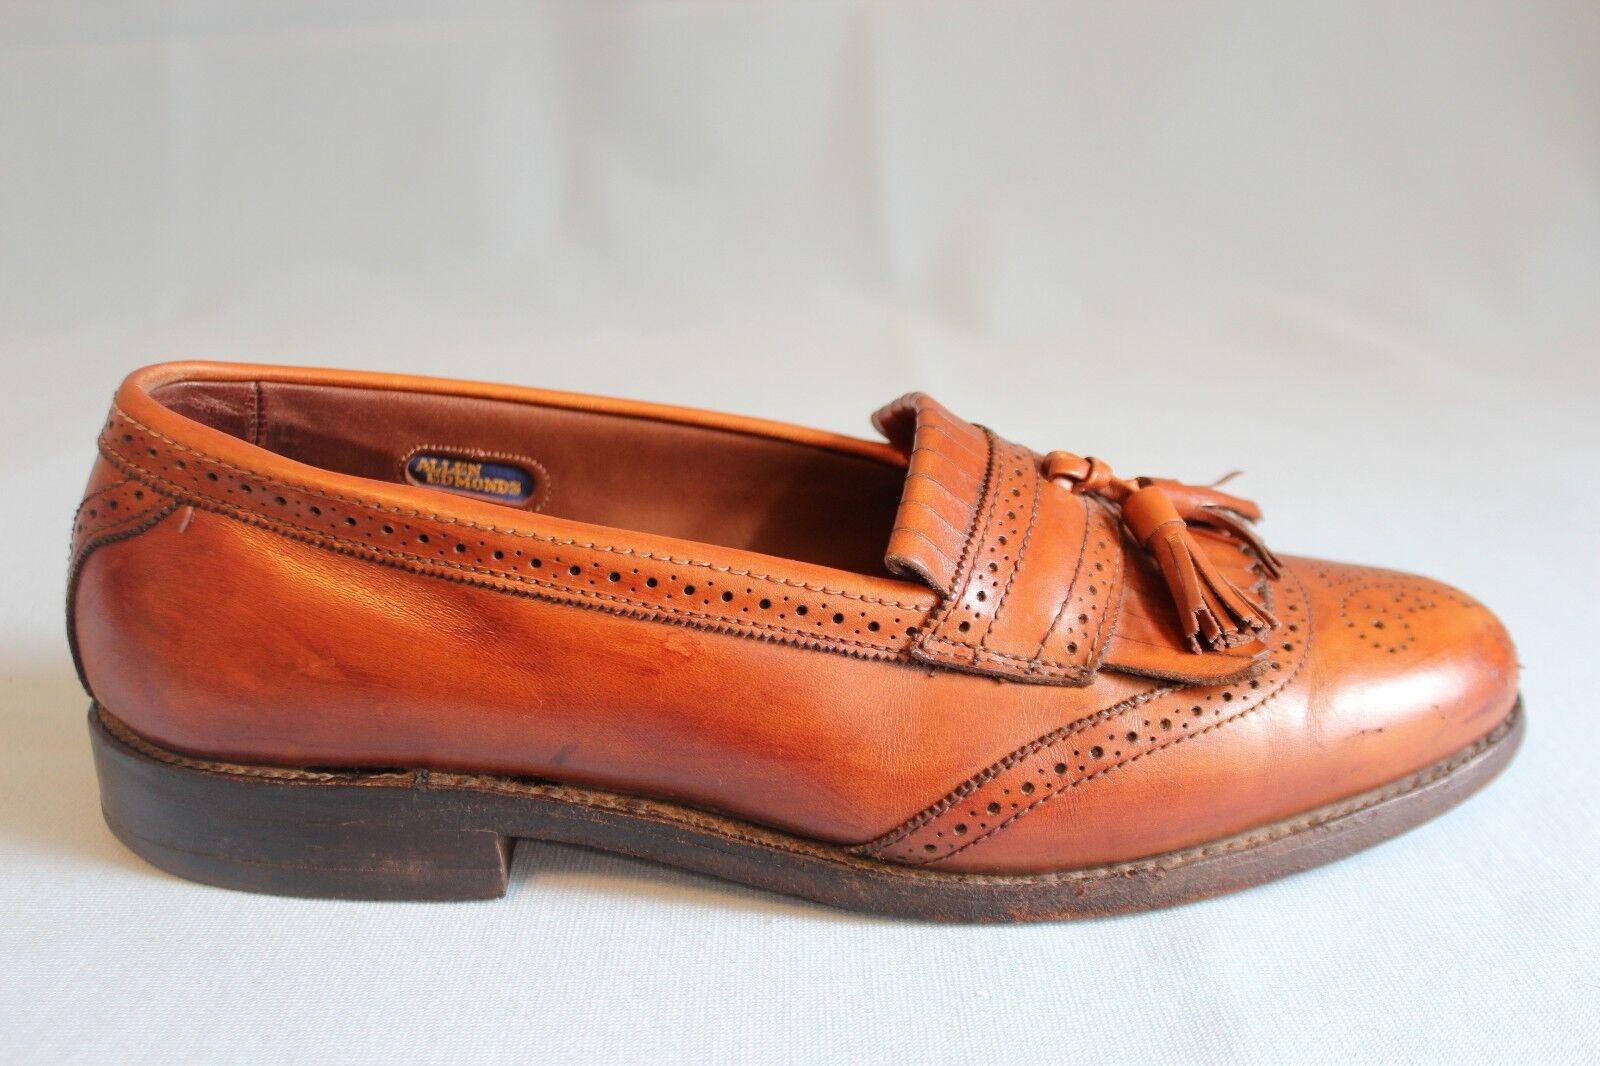 Allen Edmonds Bridgeton Brown Loafer Men's Size 8.5 Tassel & Kiltie Made in USA